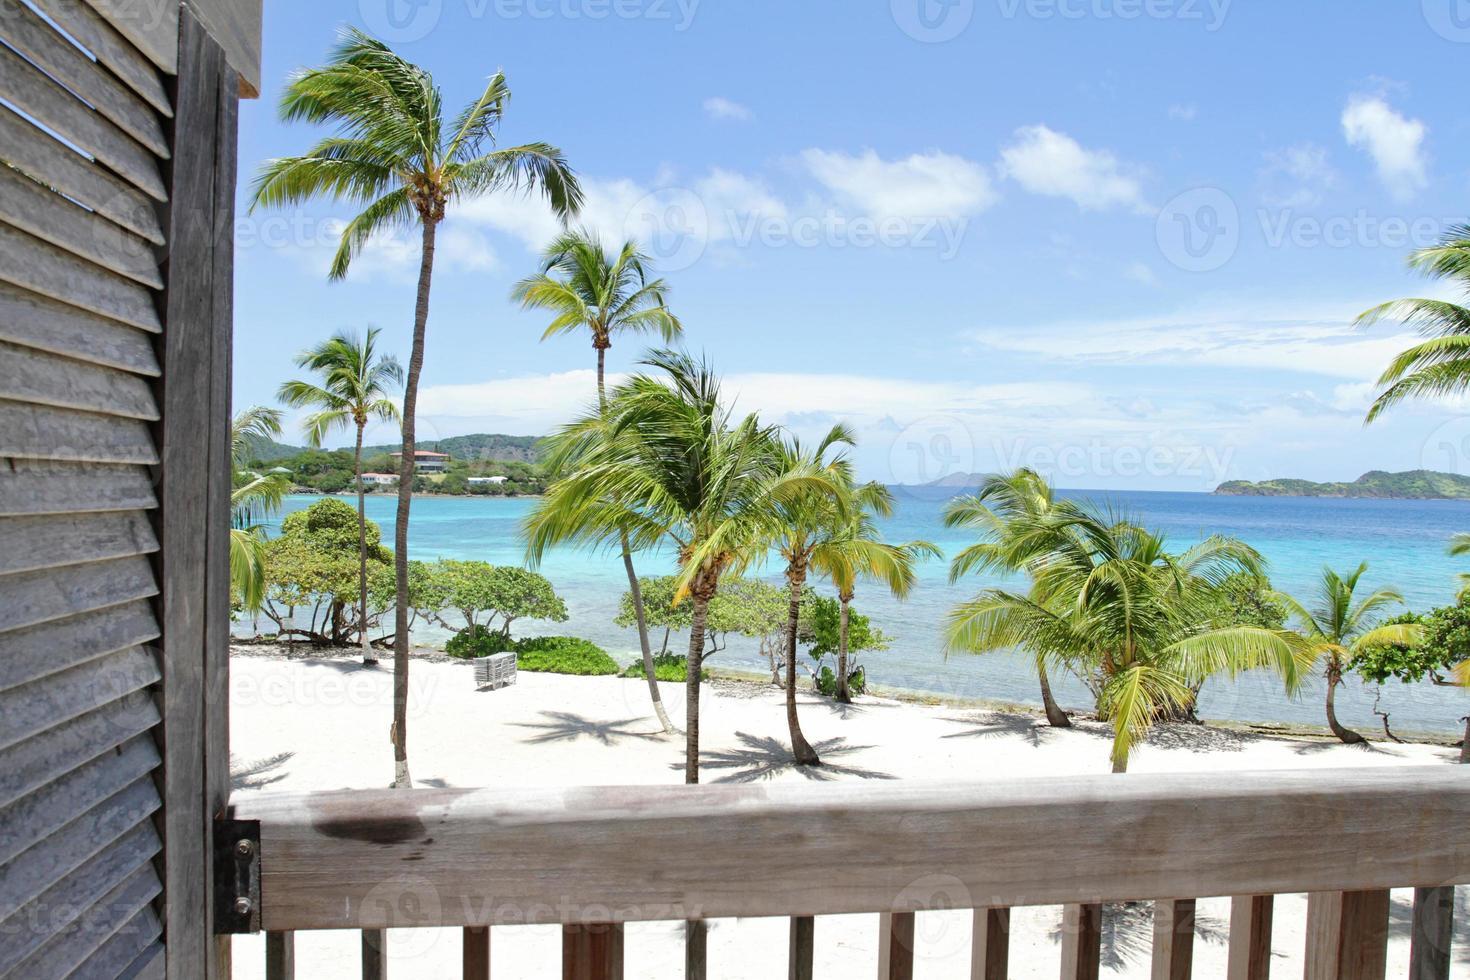 plage tropicale, caraïbes, vue depuis le pont photo